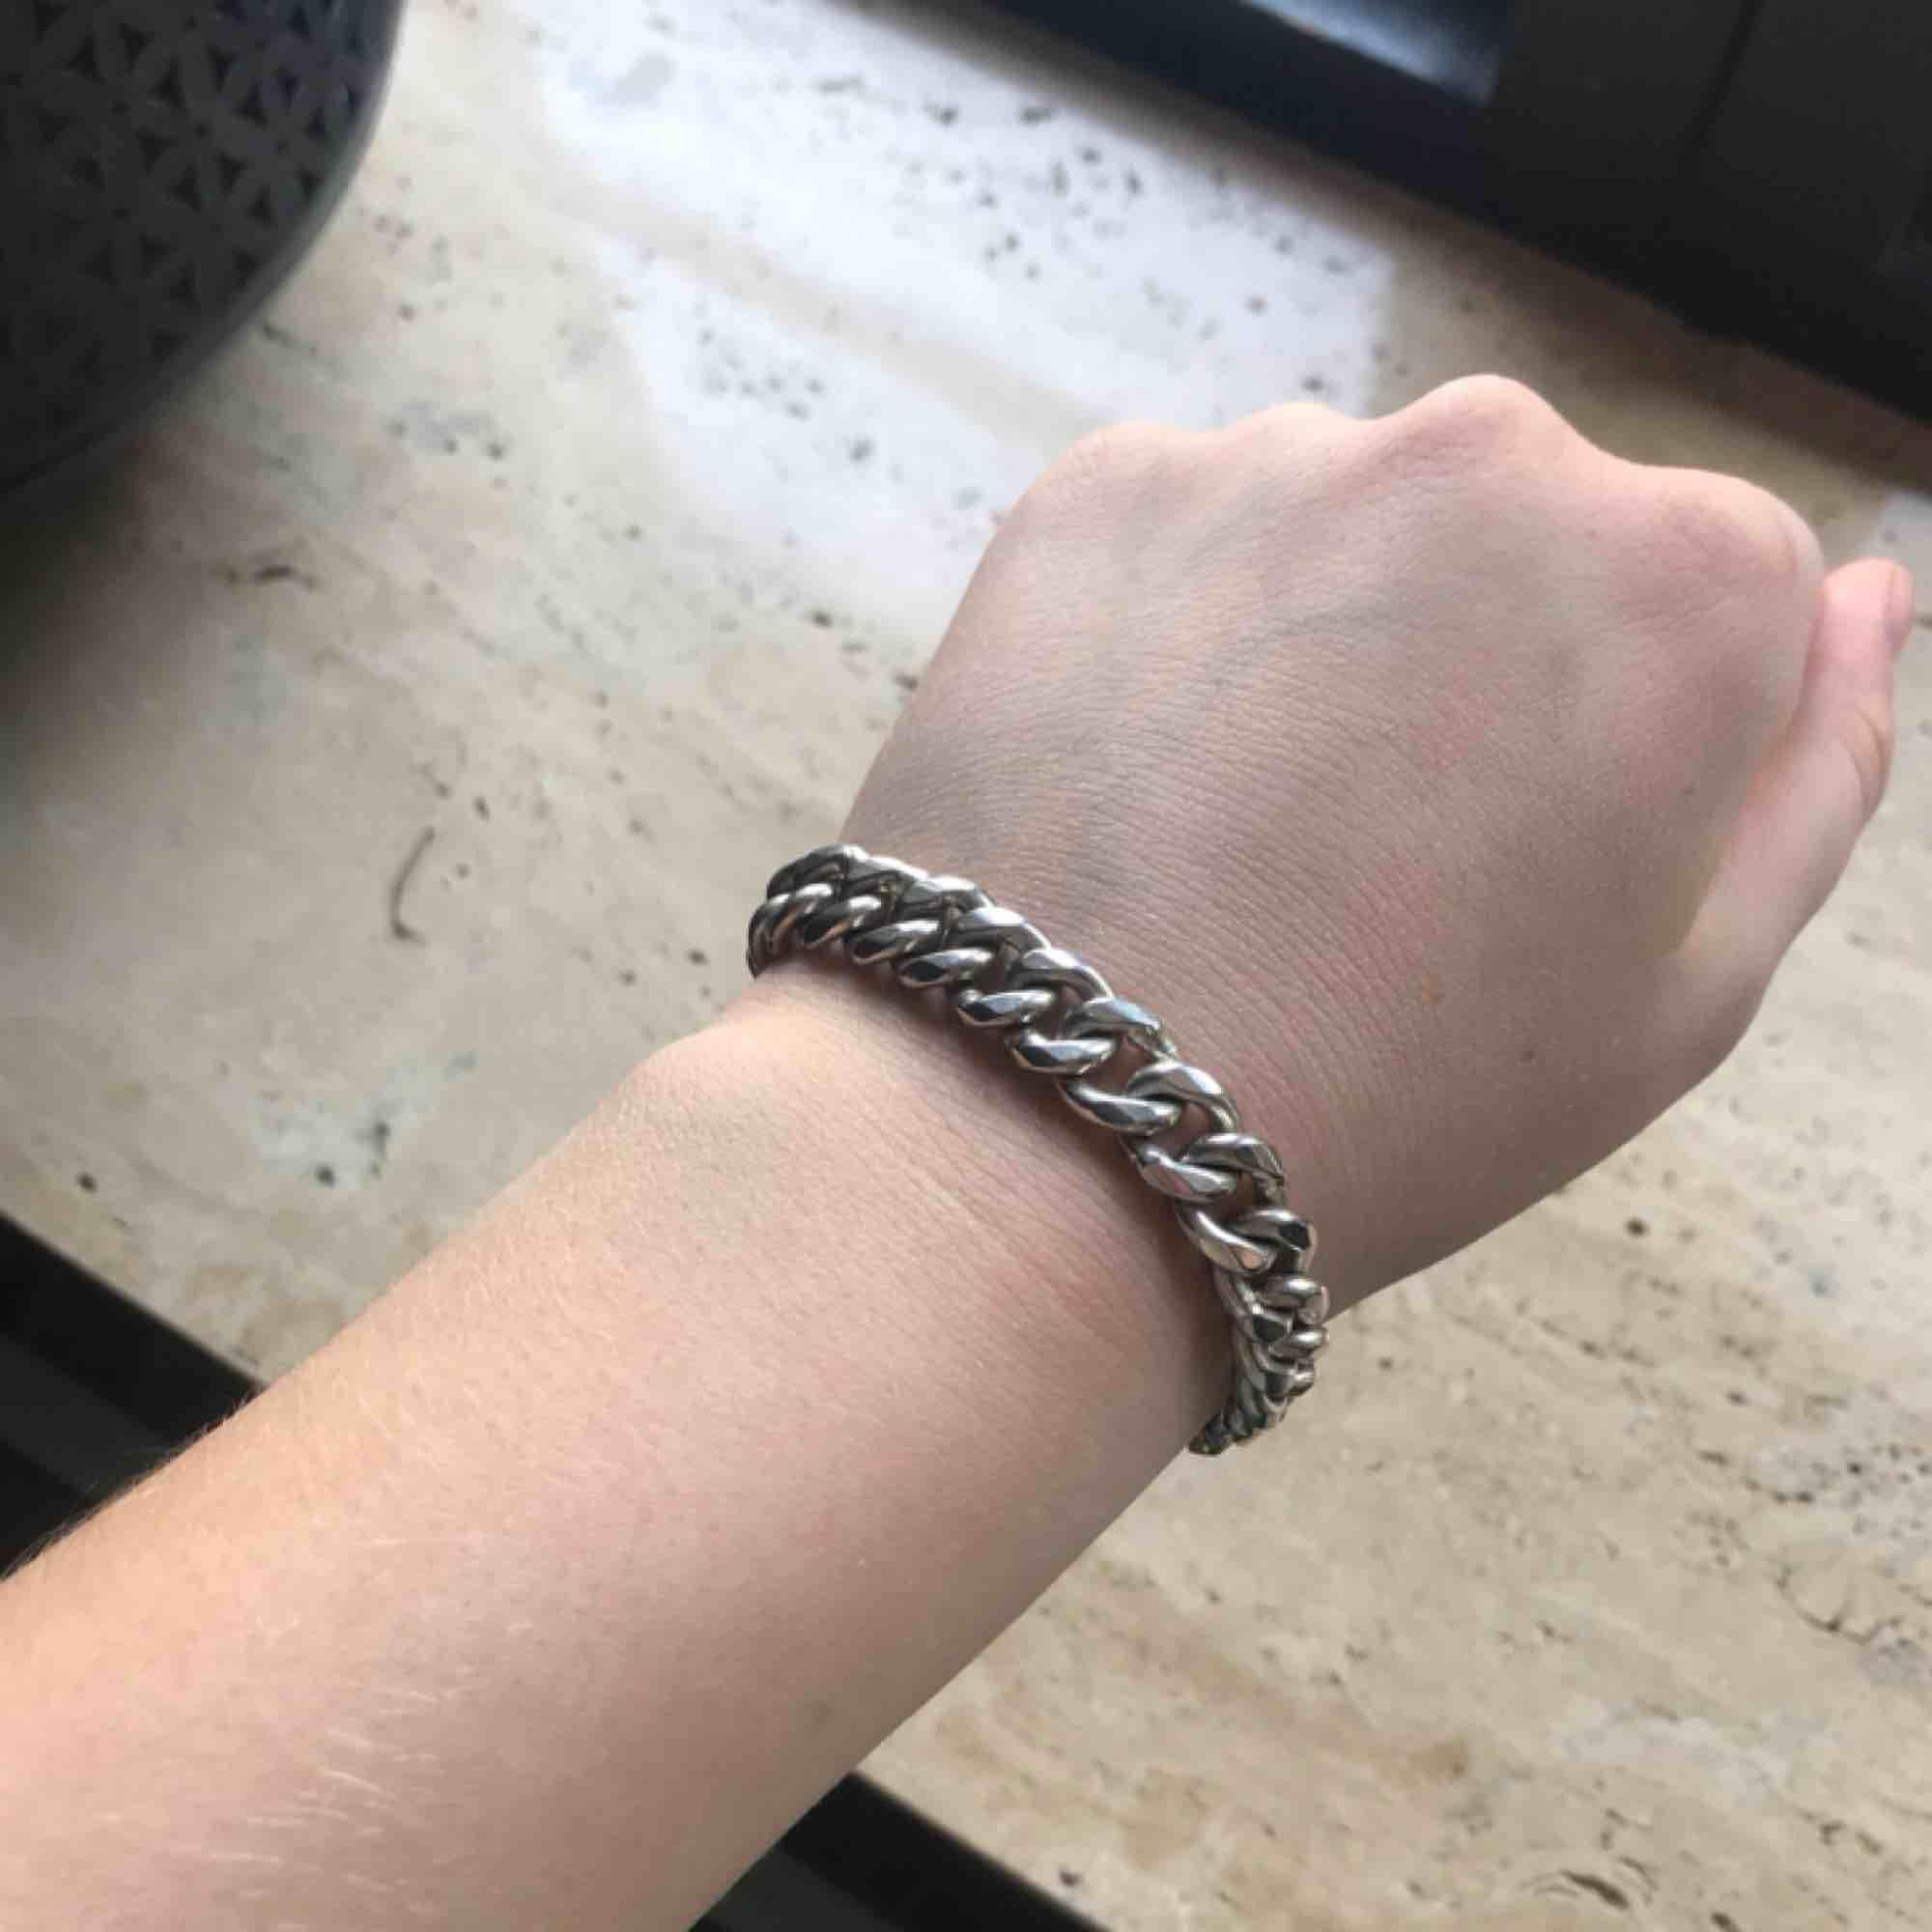 Nice rejält kedjearmband i äkta silver, 35 g! Kan skicka bild på stämpel. Köpare står för frakt men kan mötas upp!. Accessoarer.